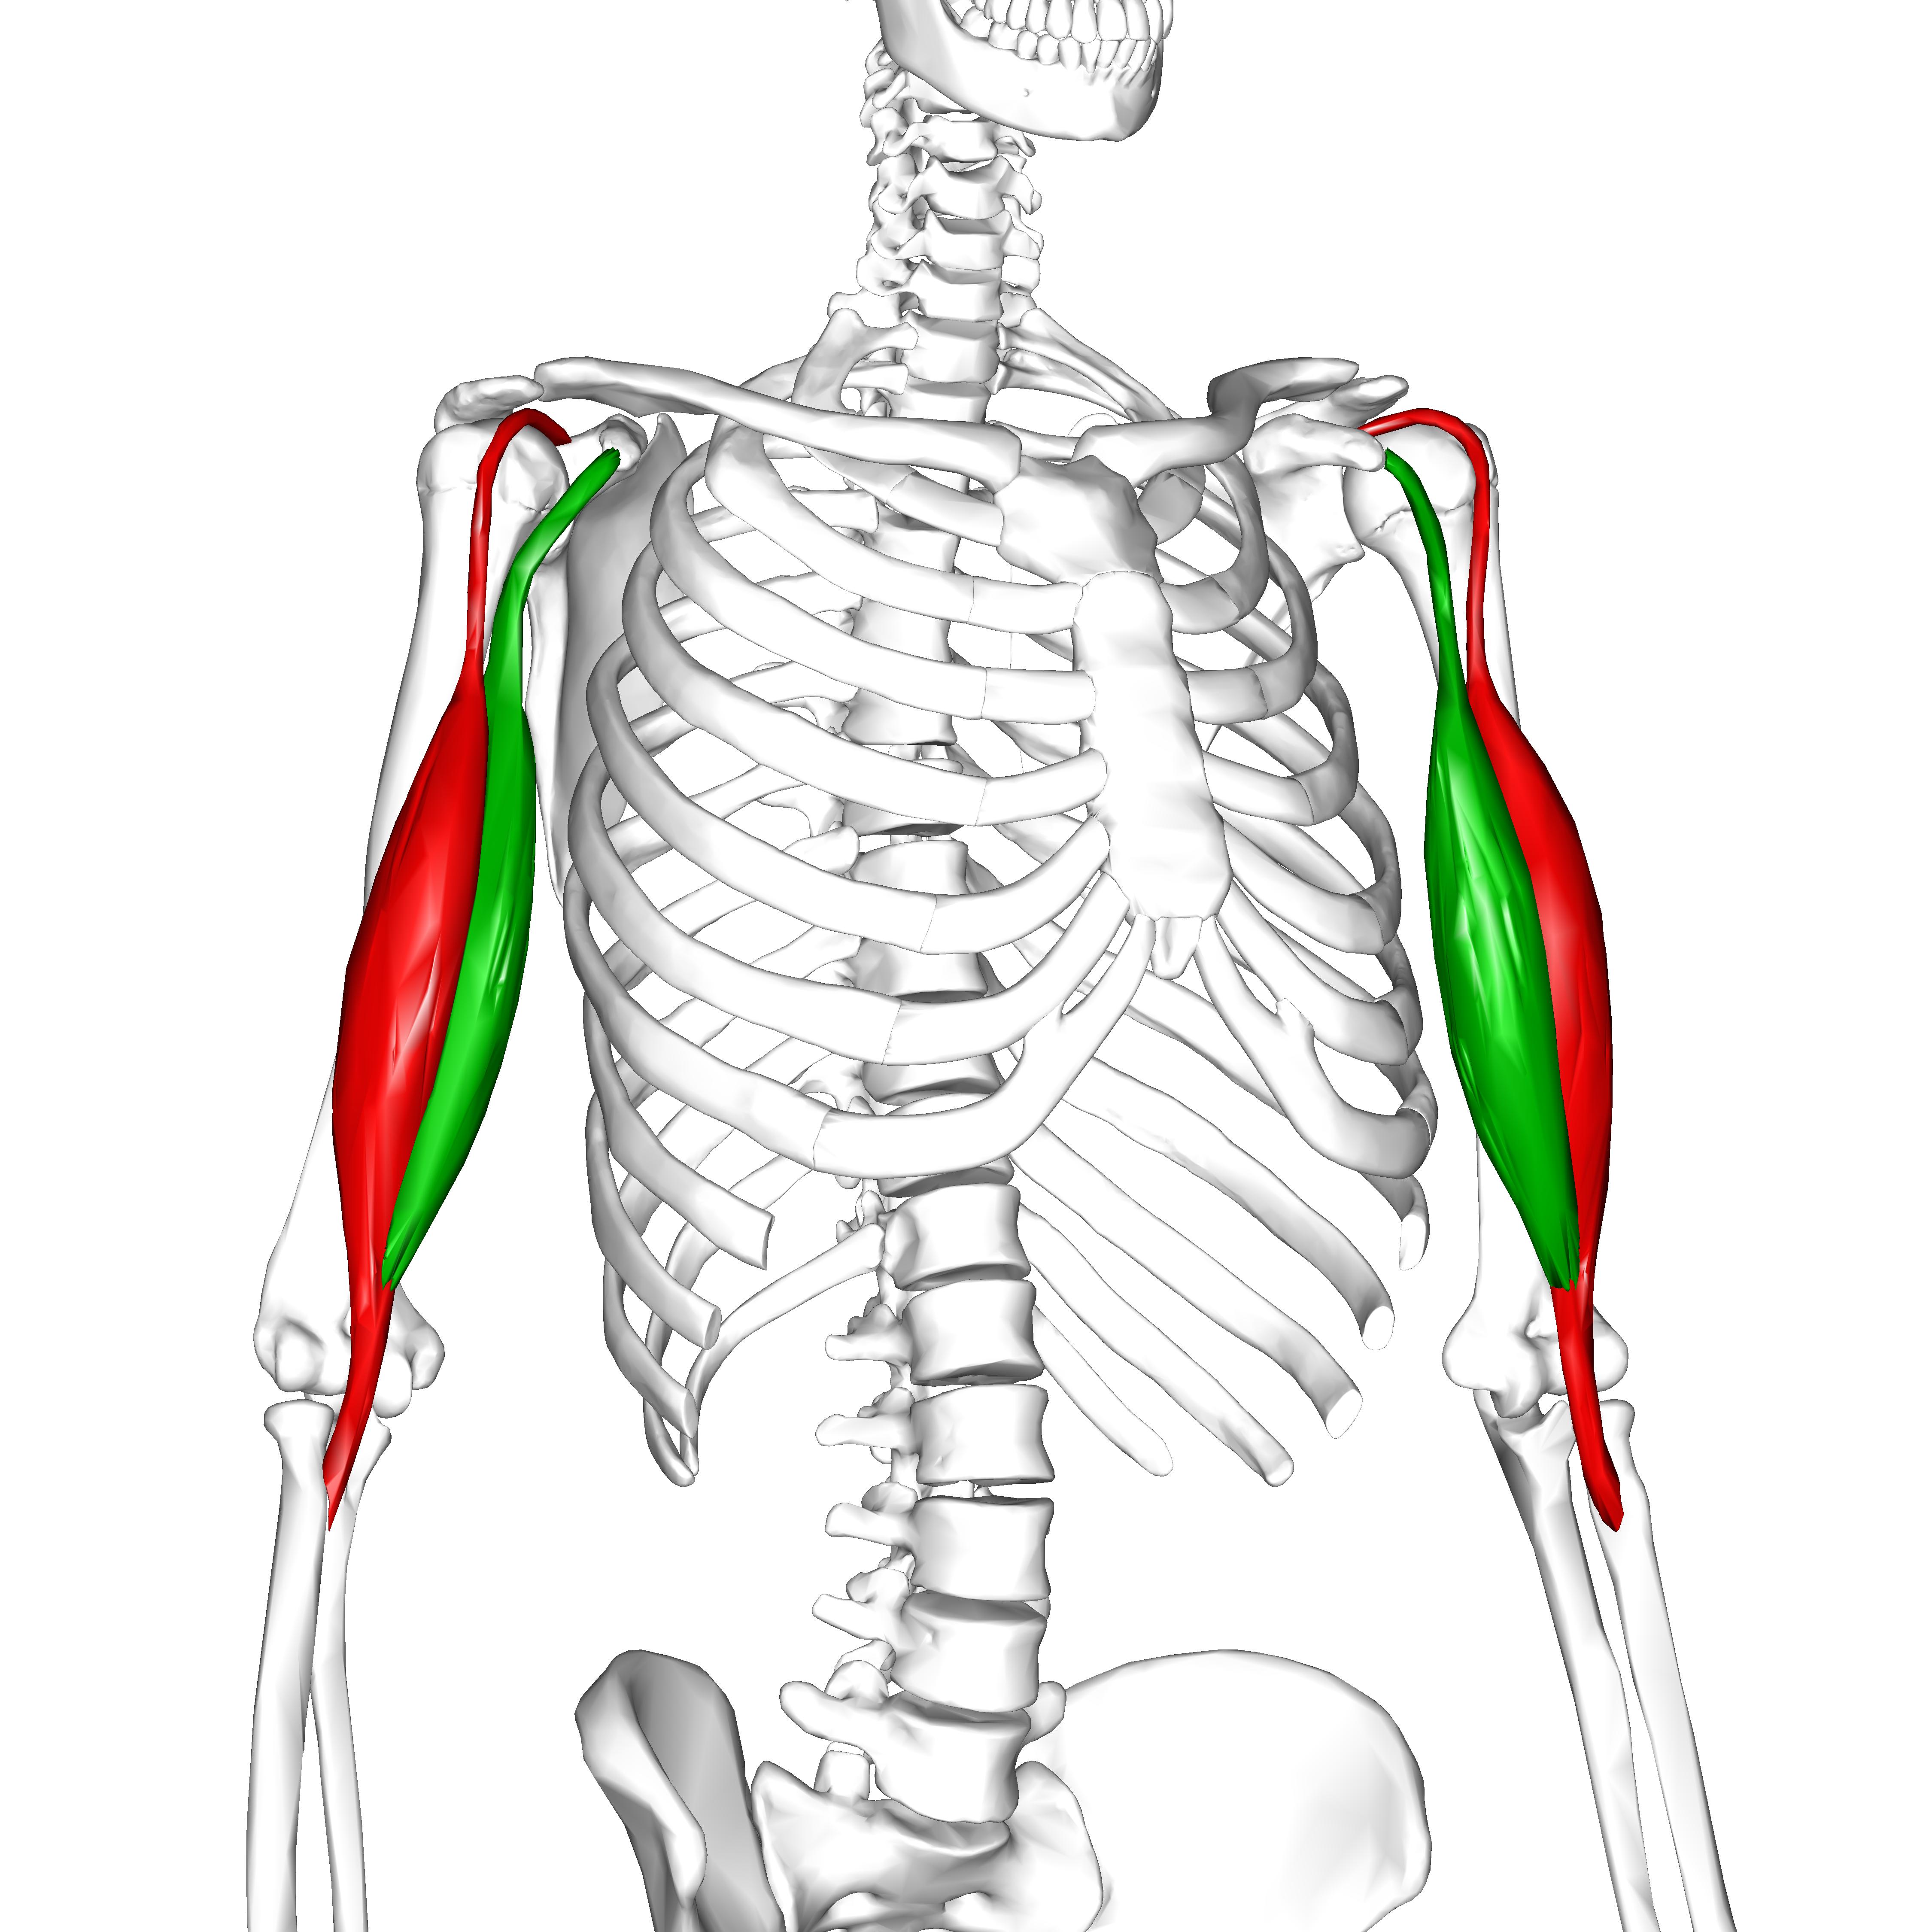 Muscoli della Spalla con origine e inserzione - ConTatto 7b119d46f484